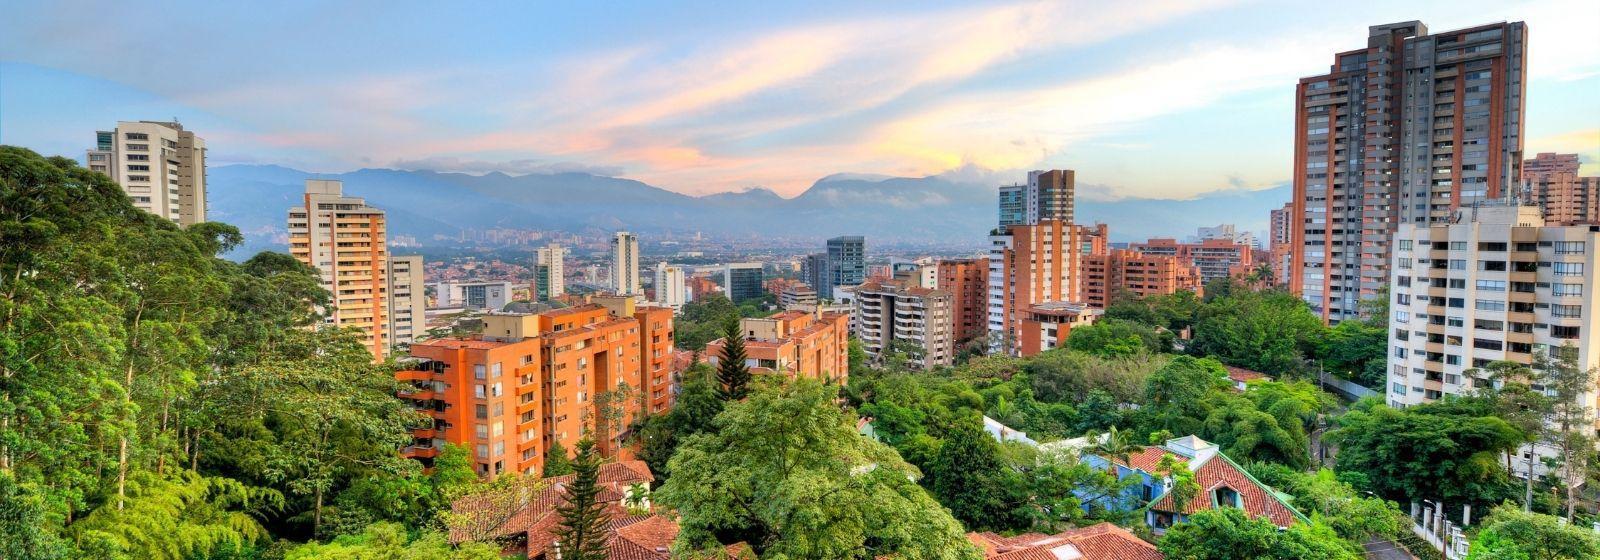 Choses à faire à Medellín